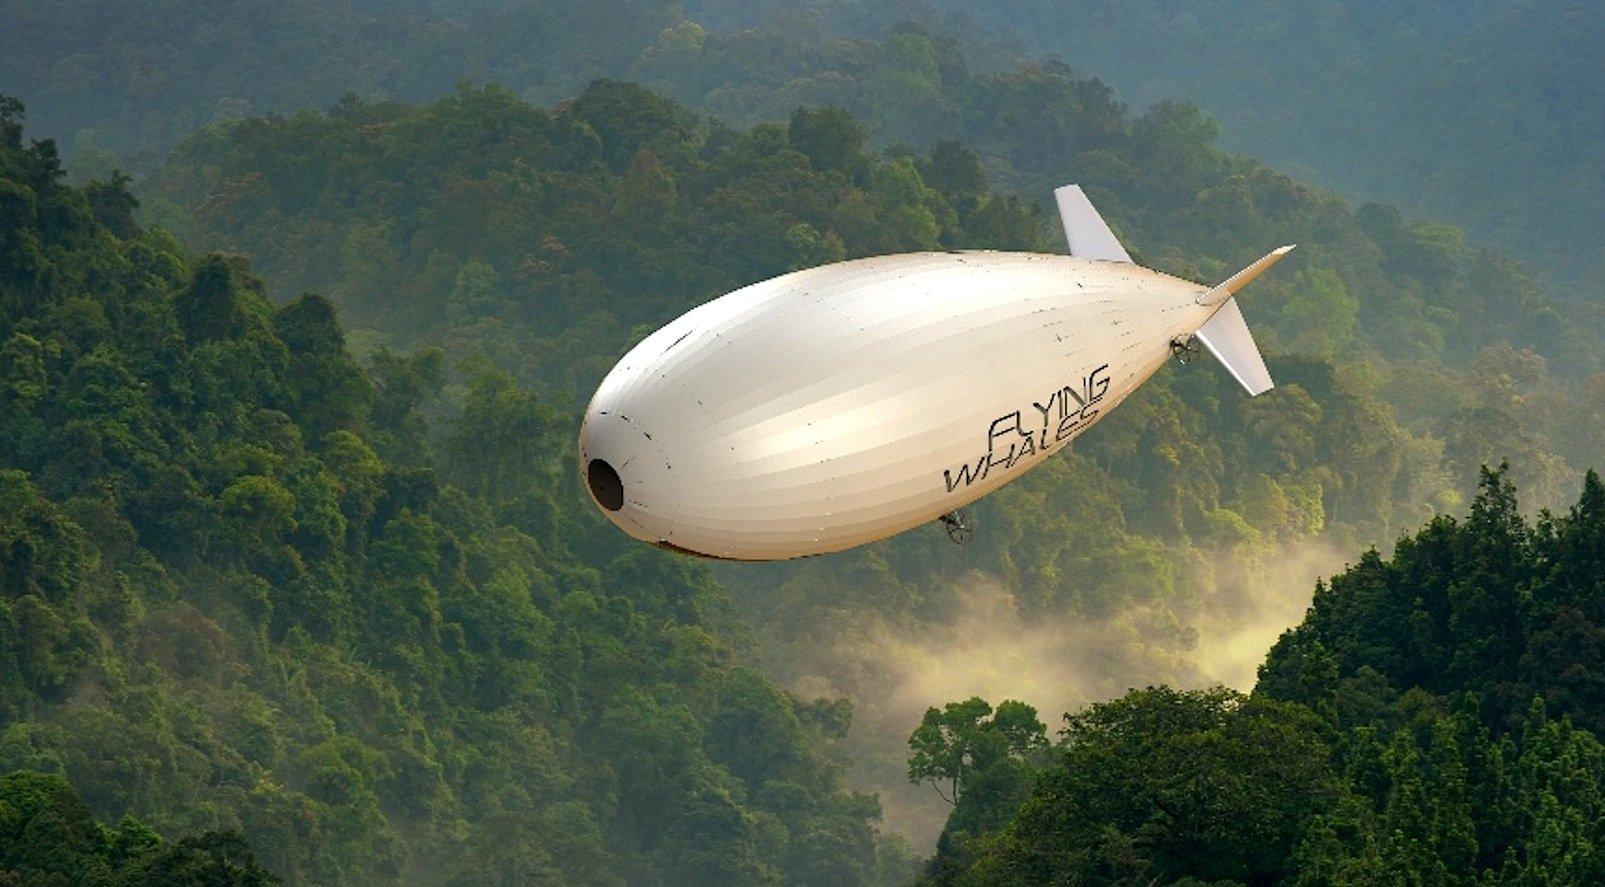 LCA60T:Das französische Unternehmen Flying Whales und der Konzern Skeleton Technologies mit Sitz in Estland und dem ostdeutschen Bautzen bauen gemeinsam ein Schwerlast-Luftschiff. Der mit Helium gefüllte Zeppelin soll Lasten bis zu 60 t transportieren können.